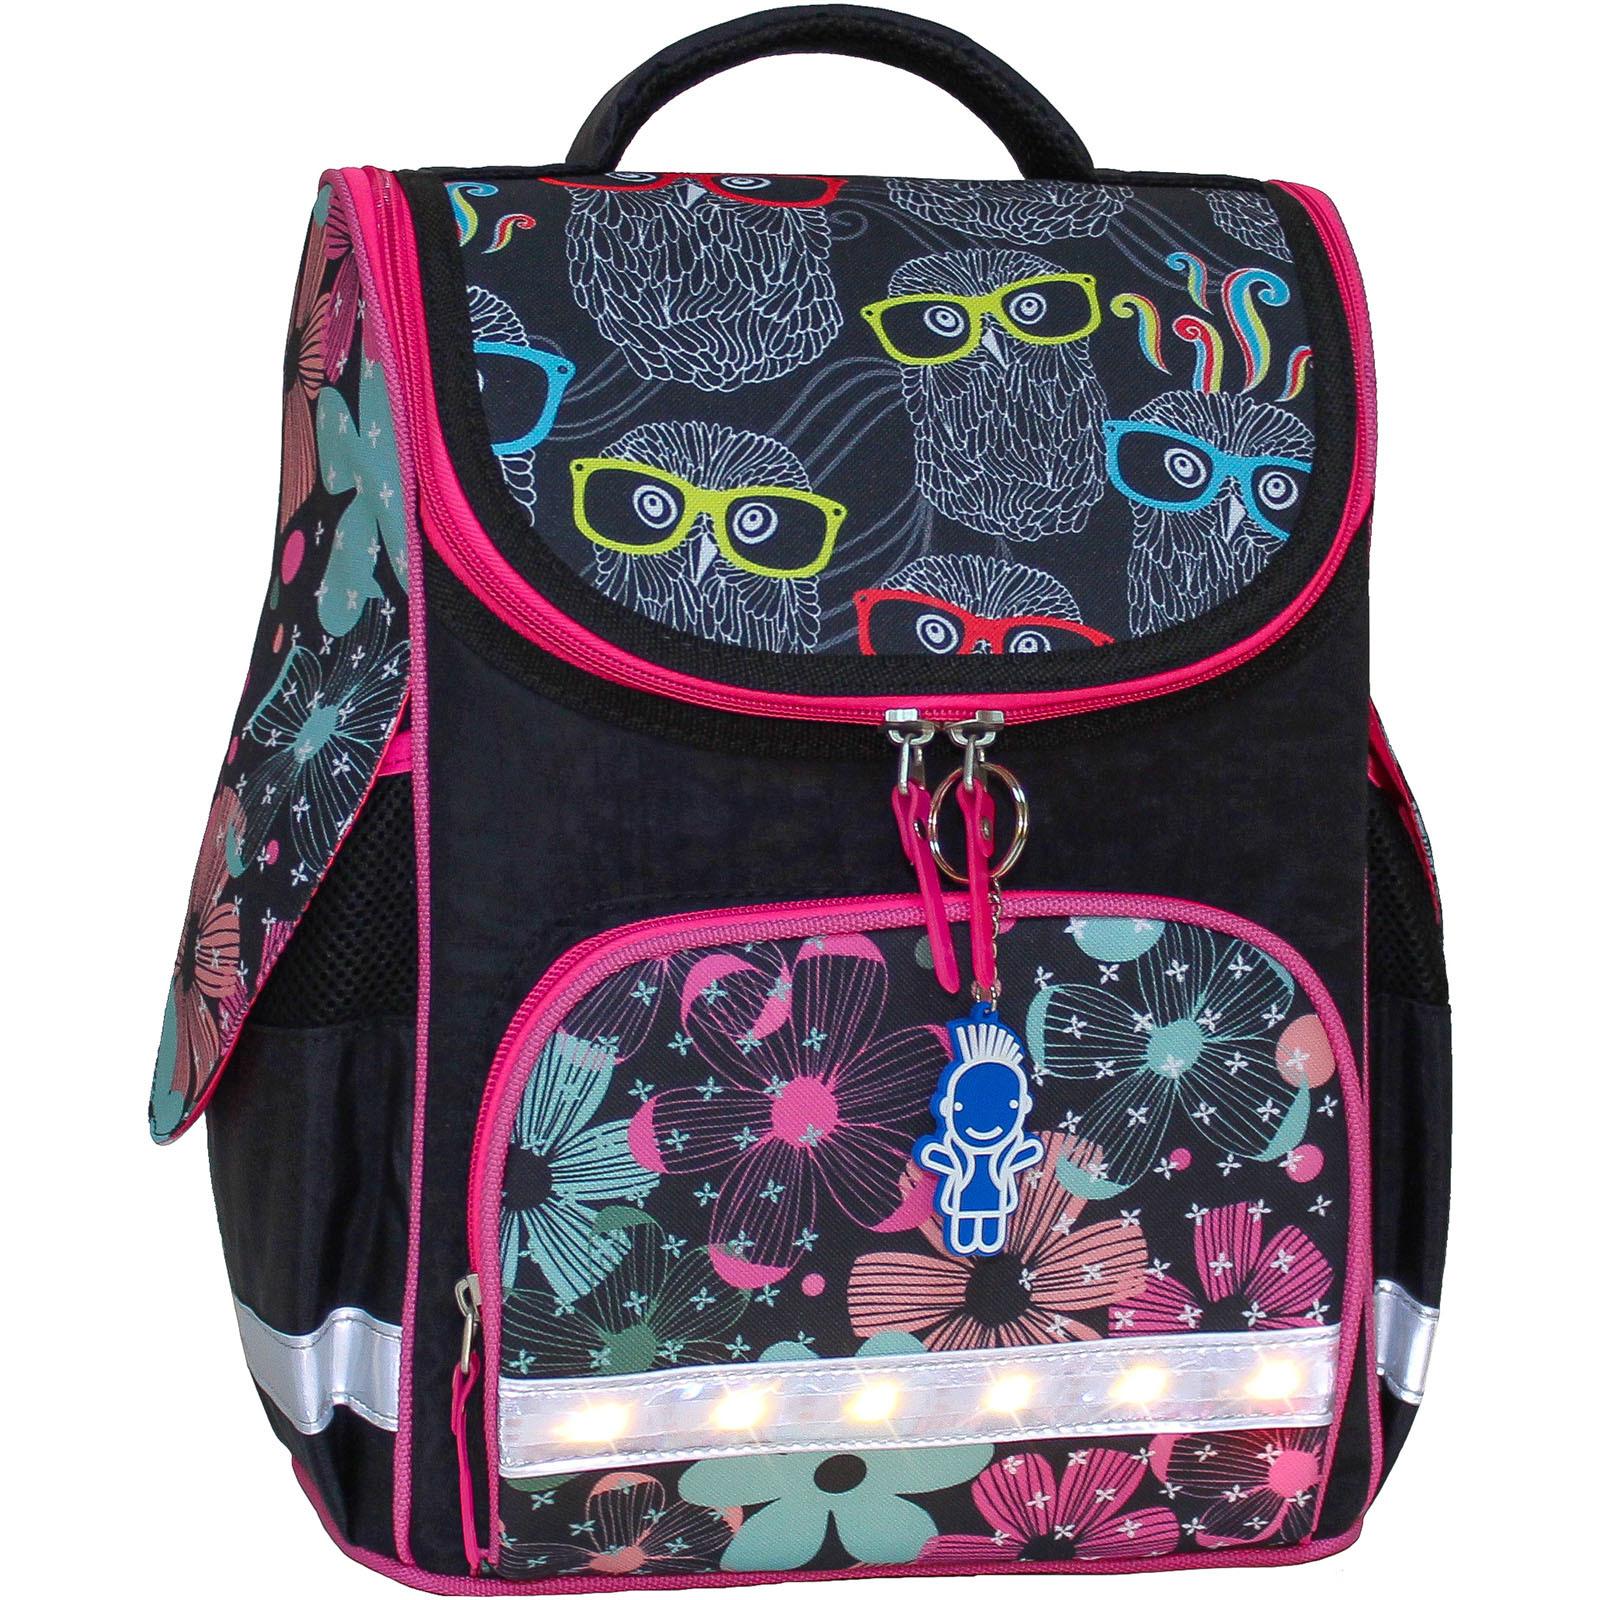 Рюкзак школьный каркасный с фонариками Bagland Успех 12 л. черный 403 (00551703)